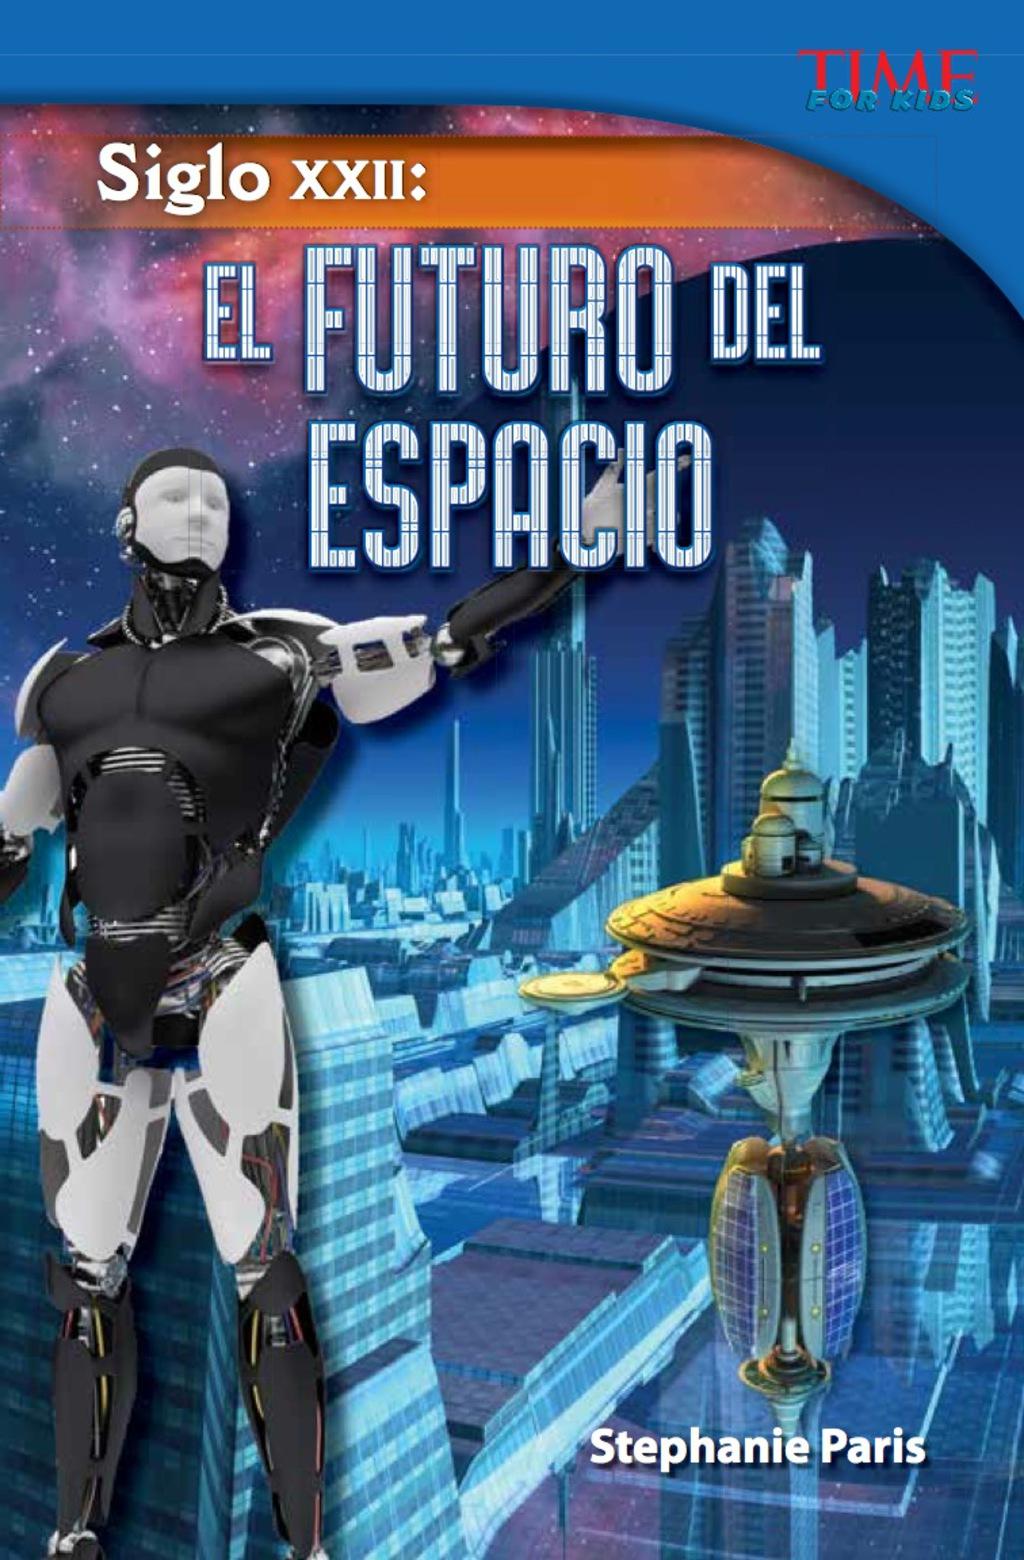 Siglo Xxii: El Futuro Del Espacio (22nd Century: Future Of Space) (ebook)